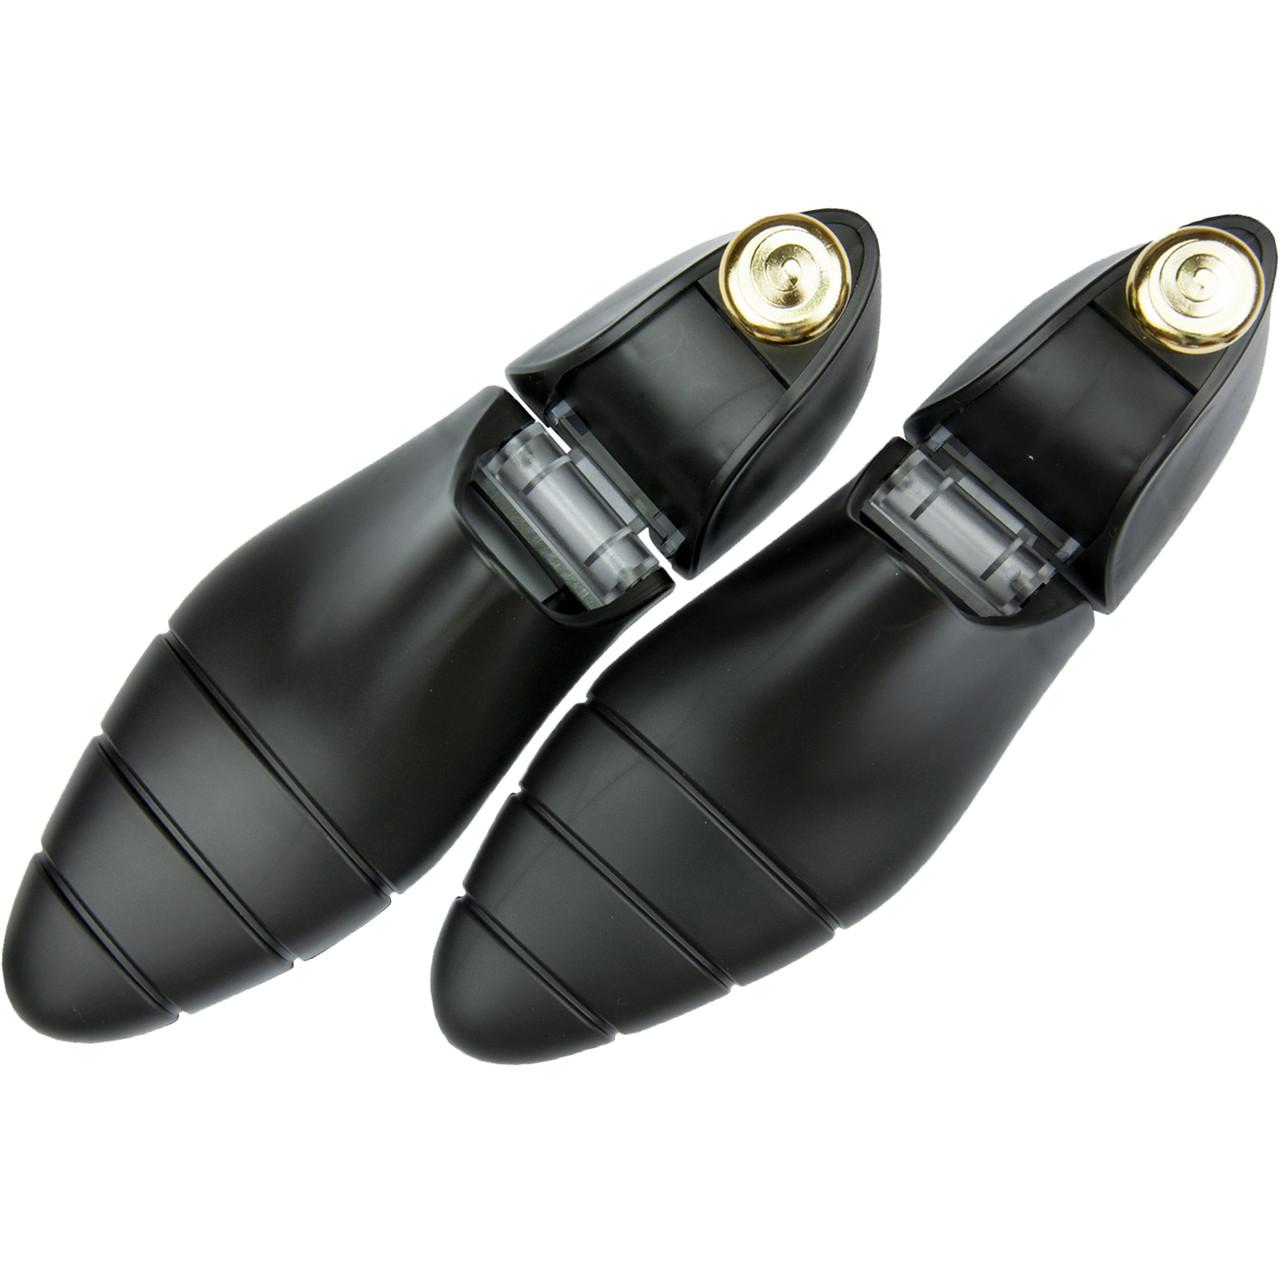 Колодки для обуви пластиковые GT